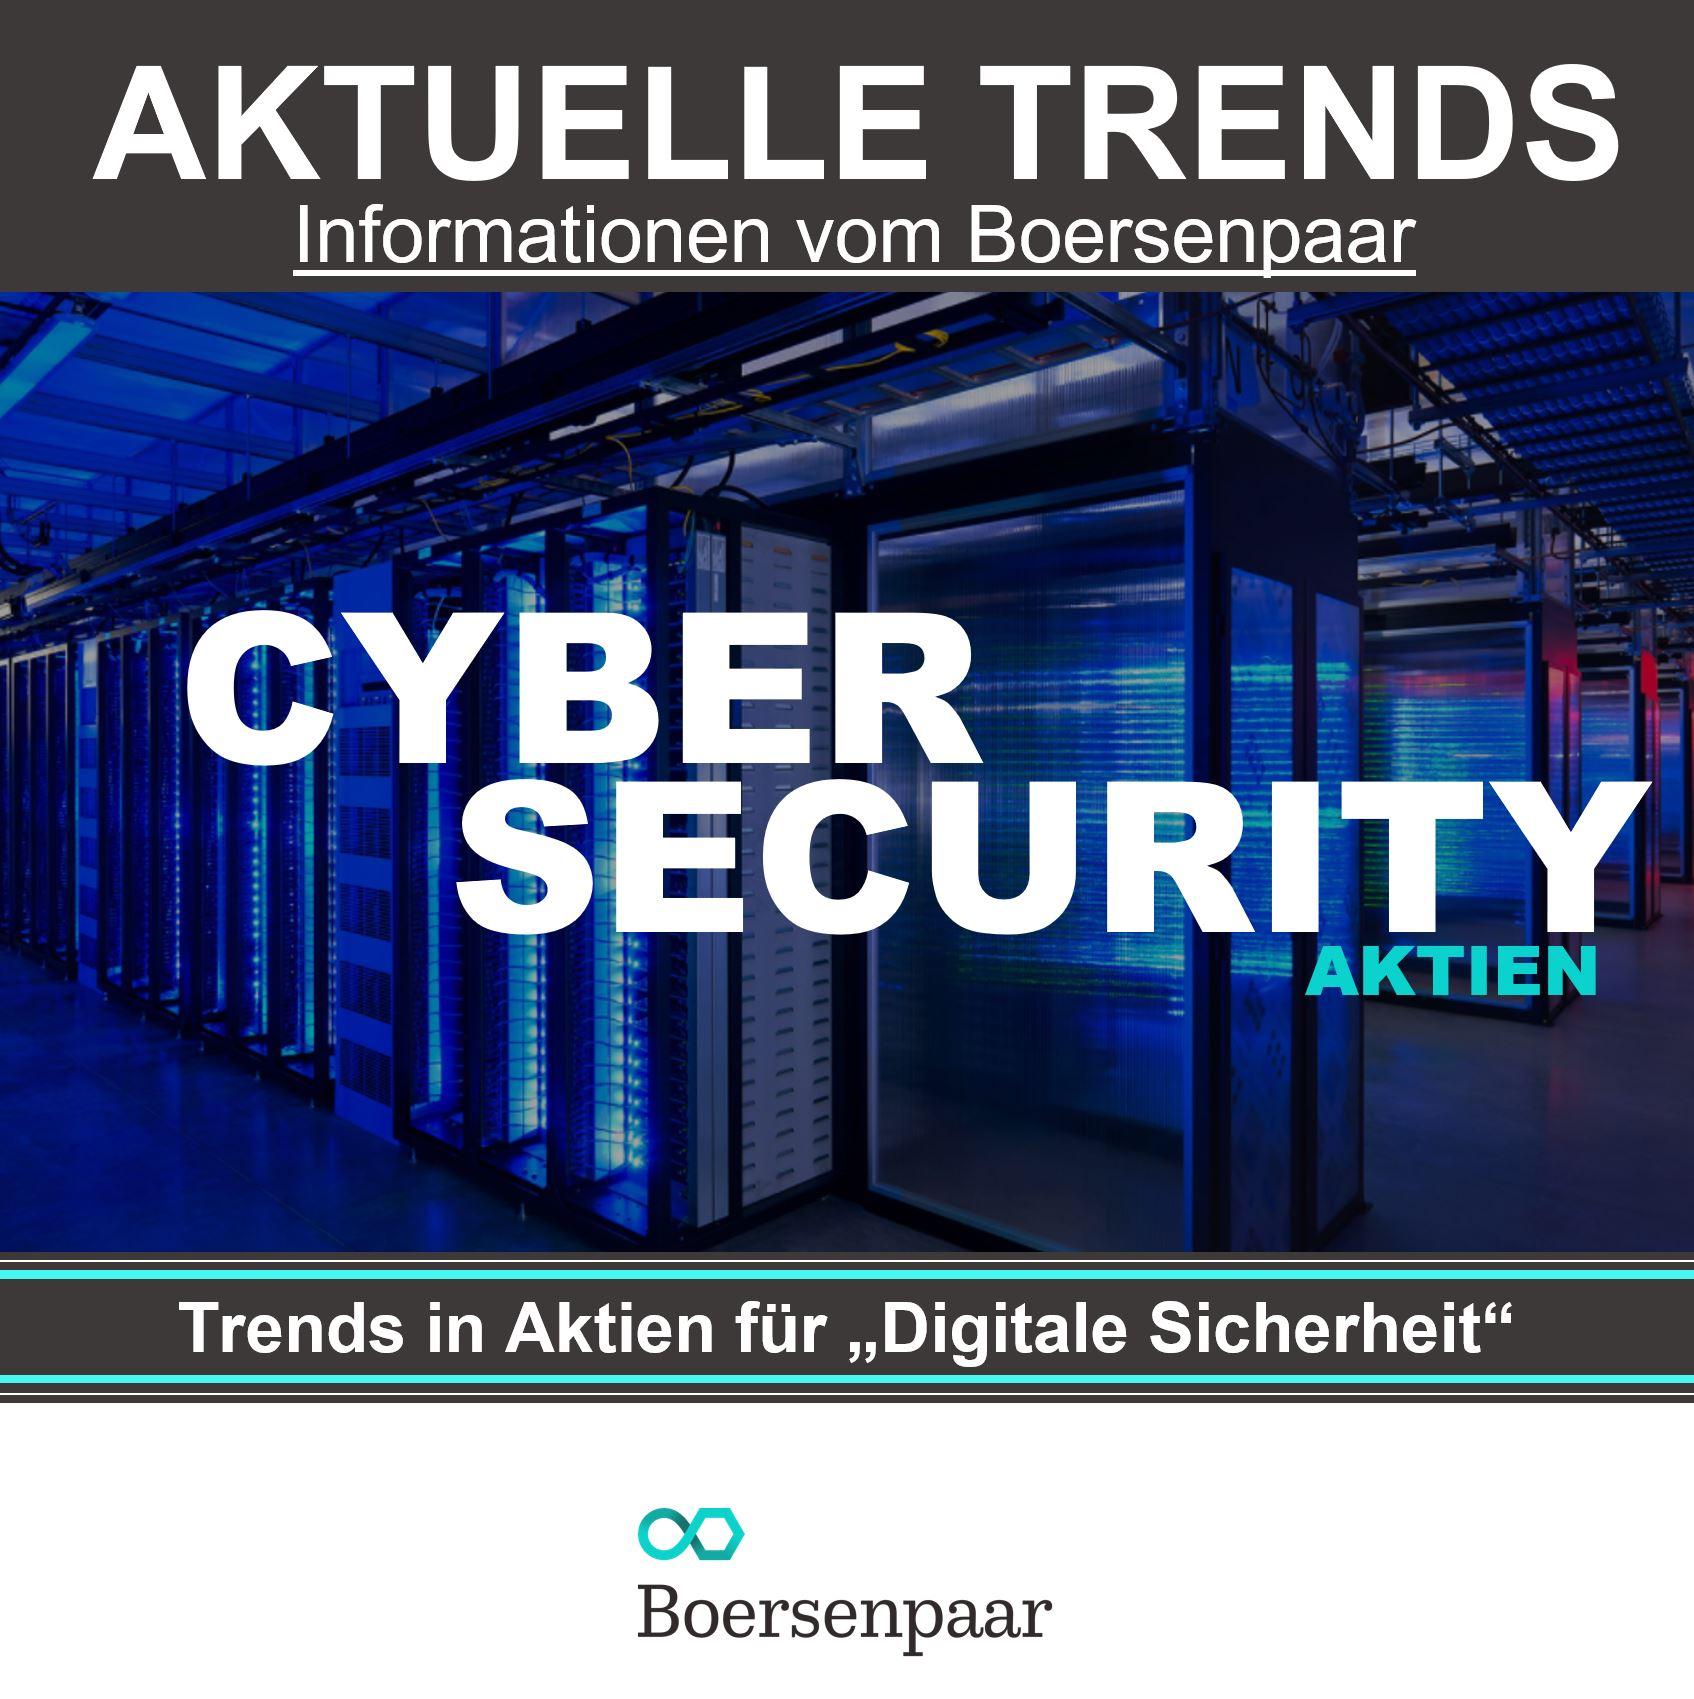 Cyber Security Aktien